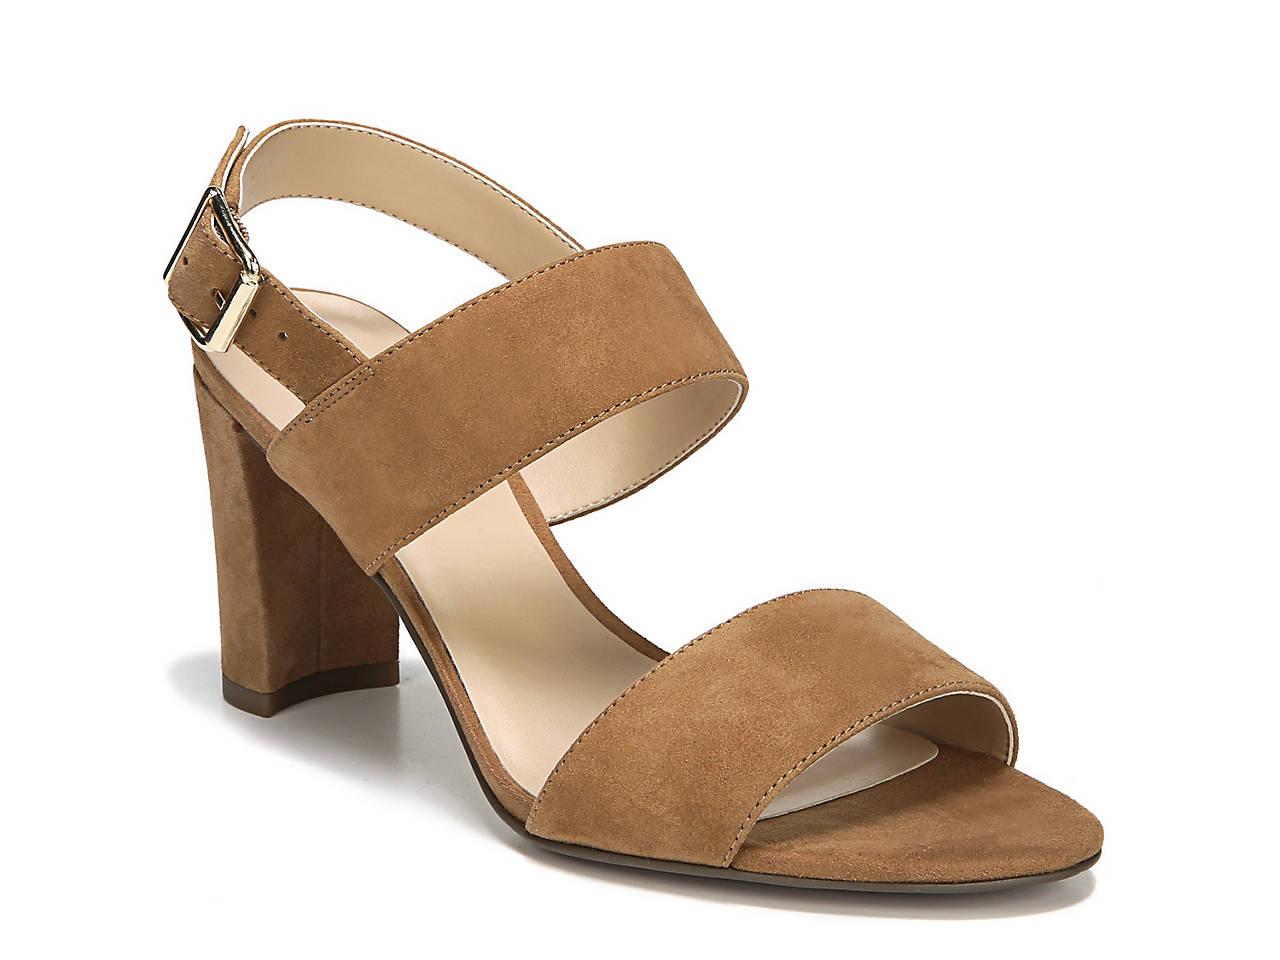 6e3c8945d0 Franco Sarto Rumi Sandal Women s Shoes